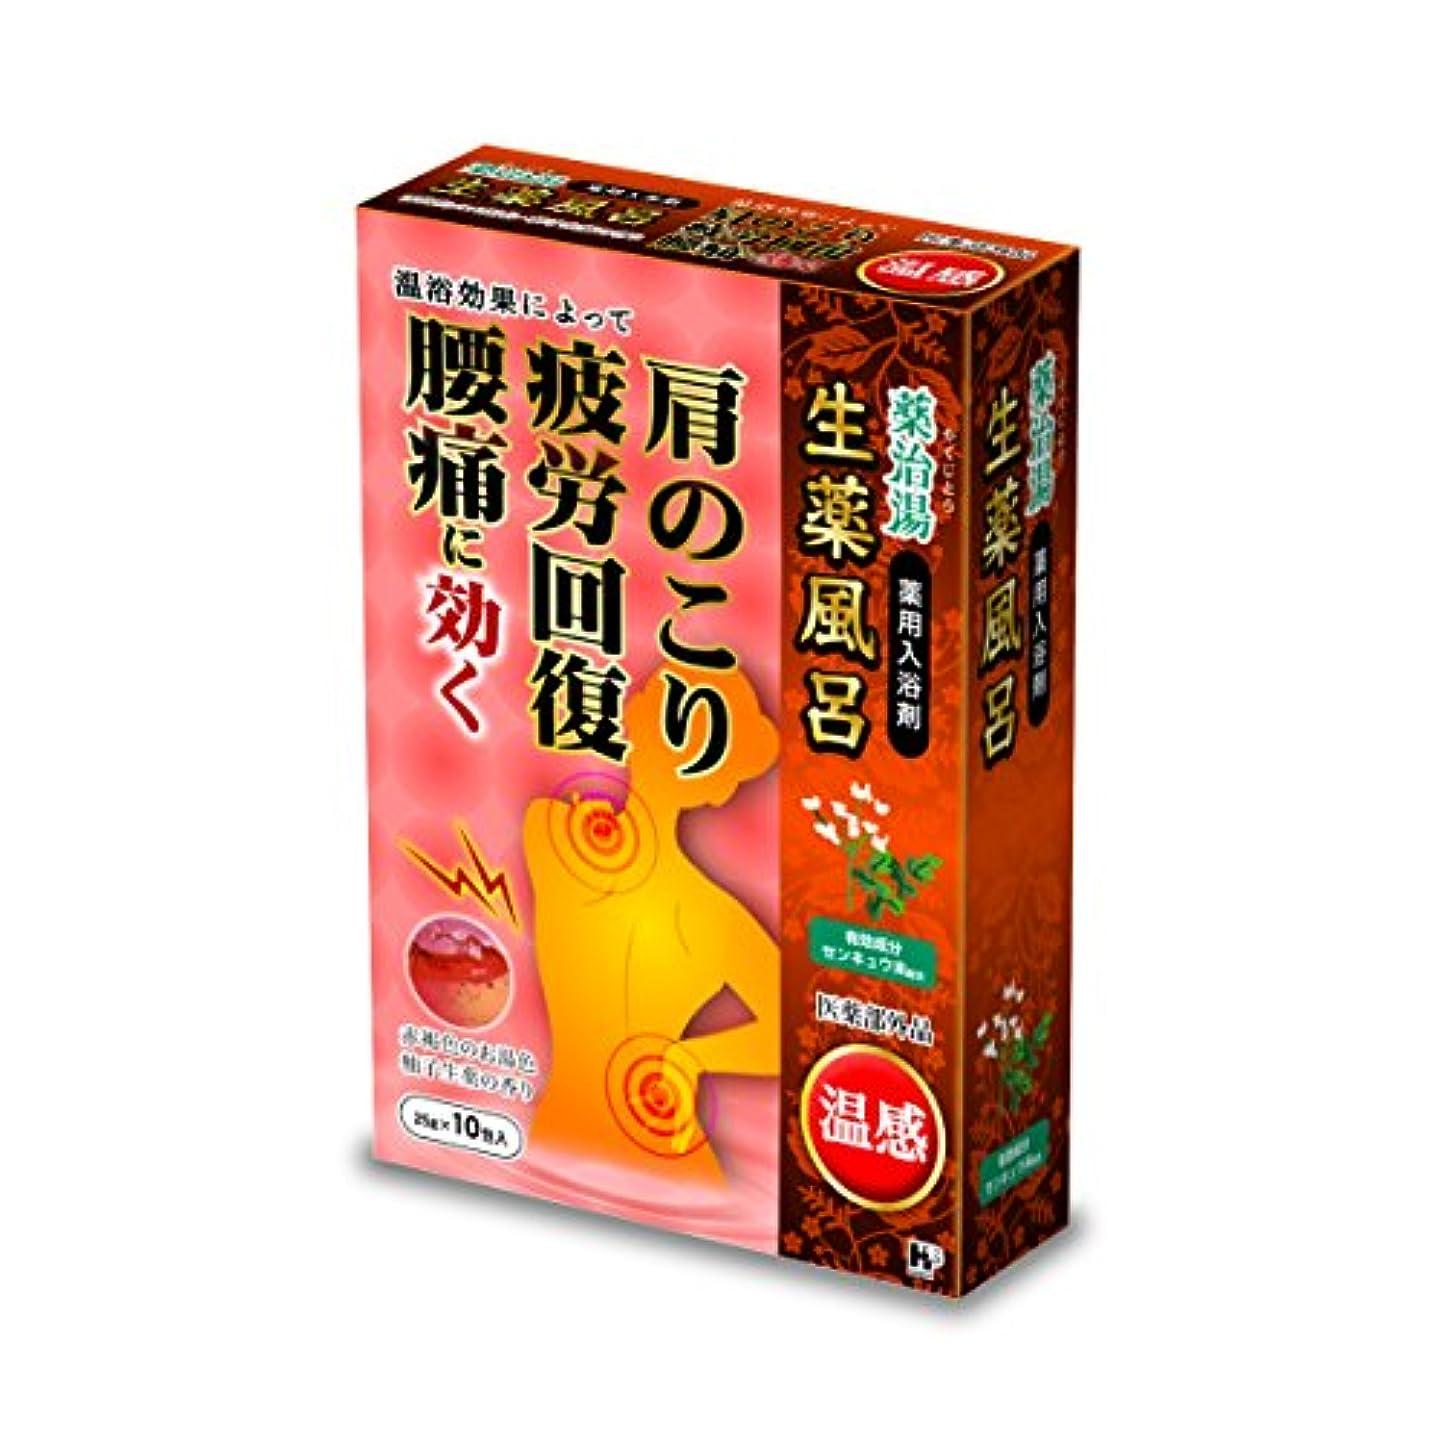 腸トロリーシェルター薬治湯温感 柚子生薬の香り